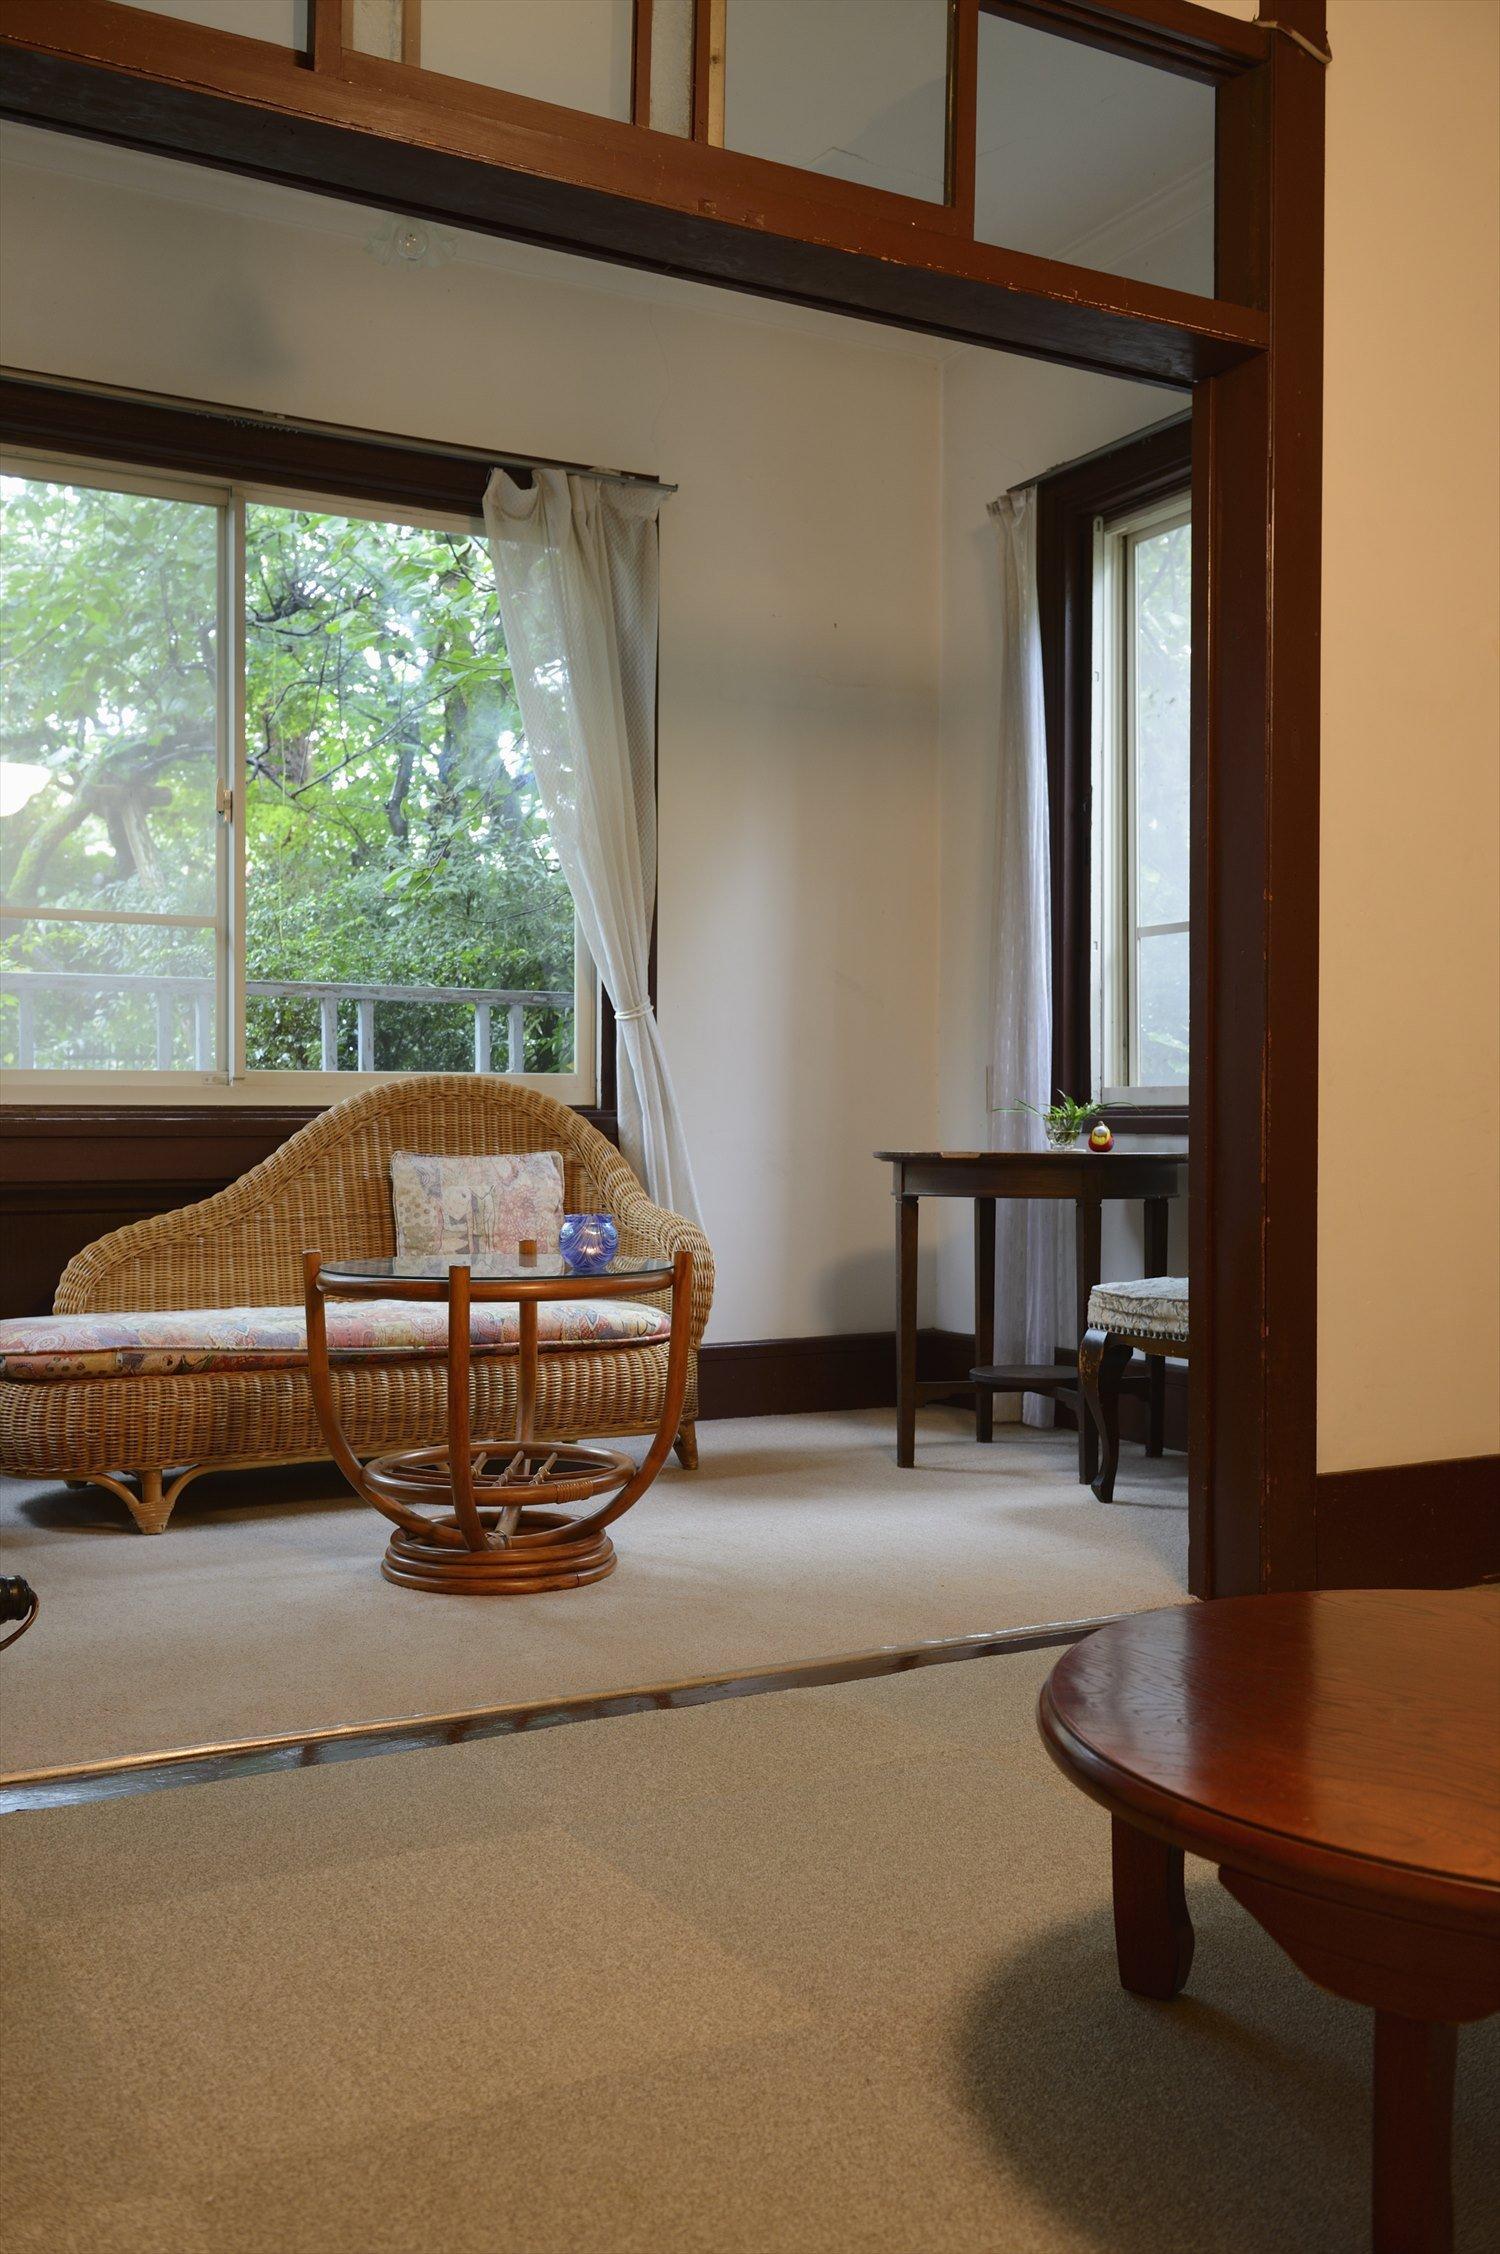 5畳の部屋にはソファや読書テーブルがある。